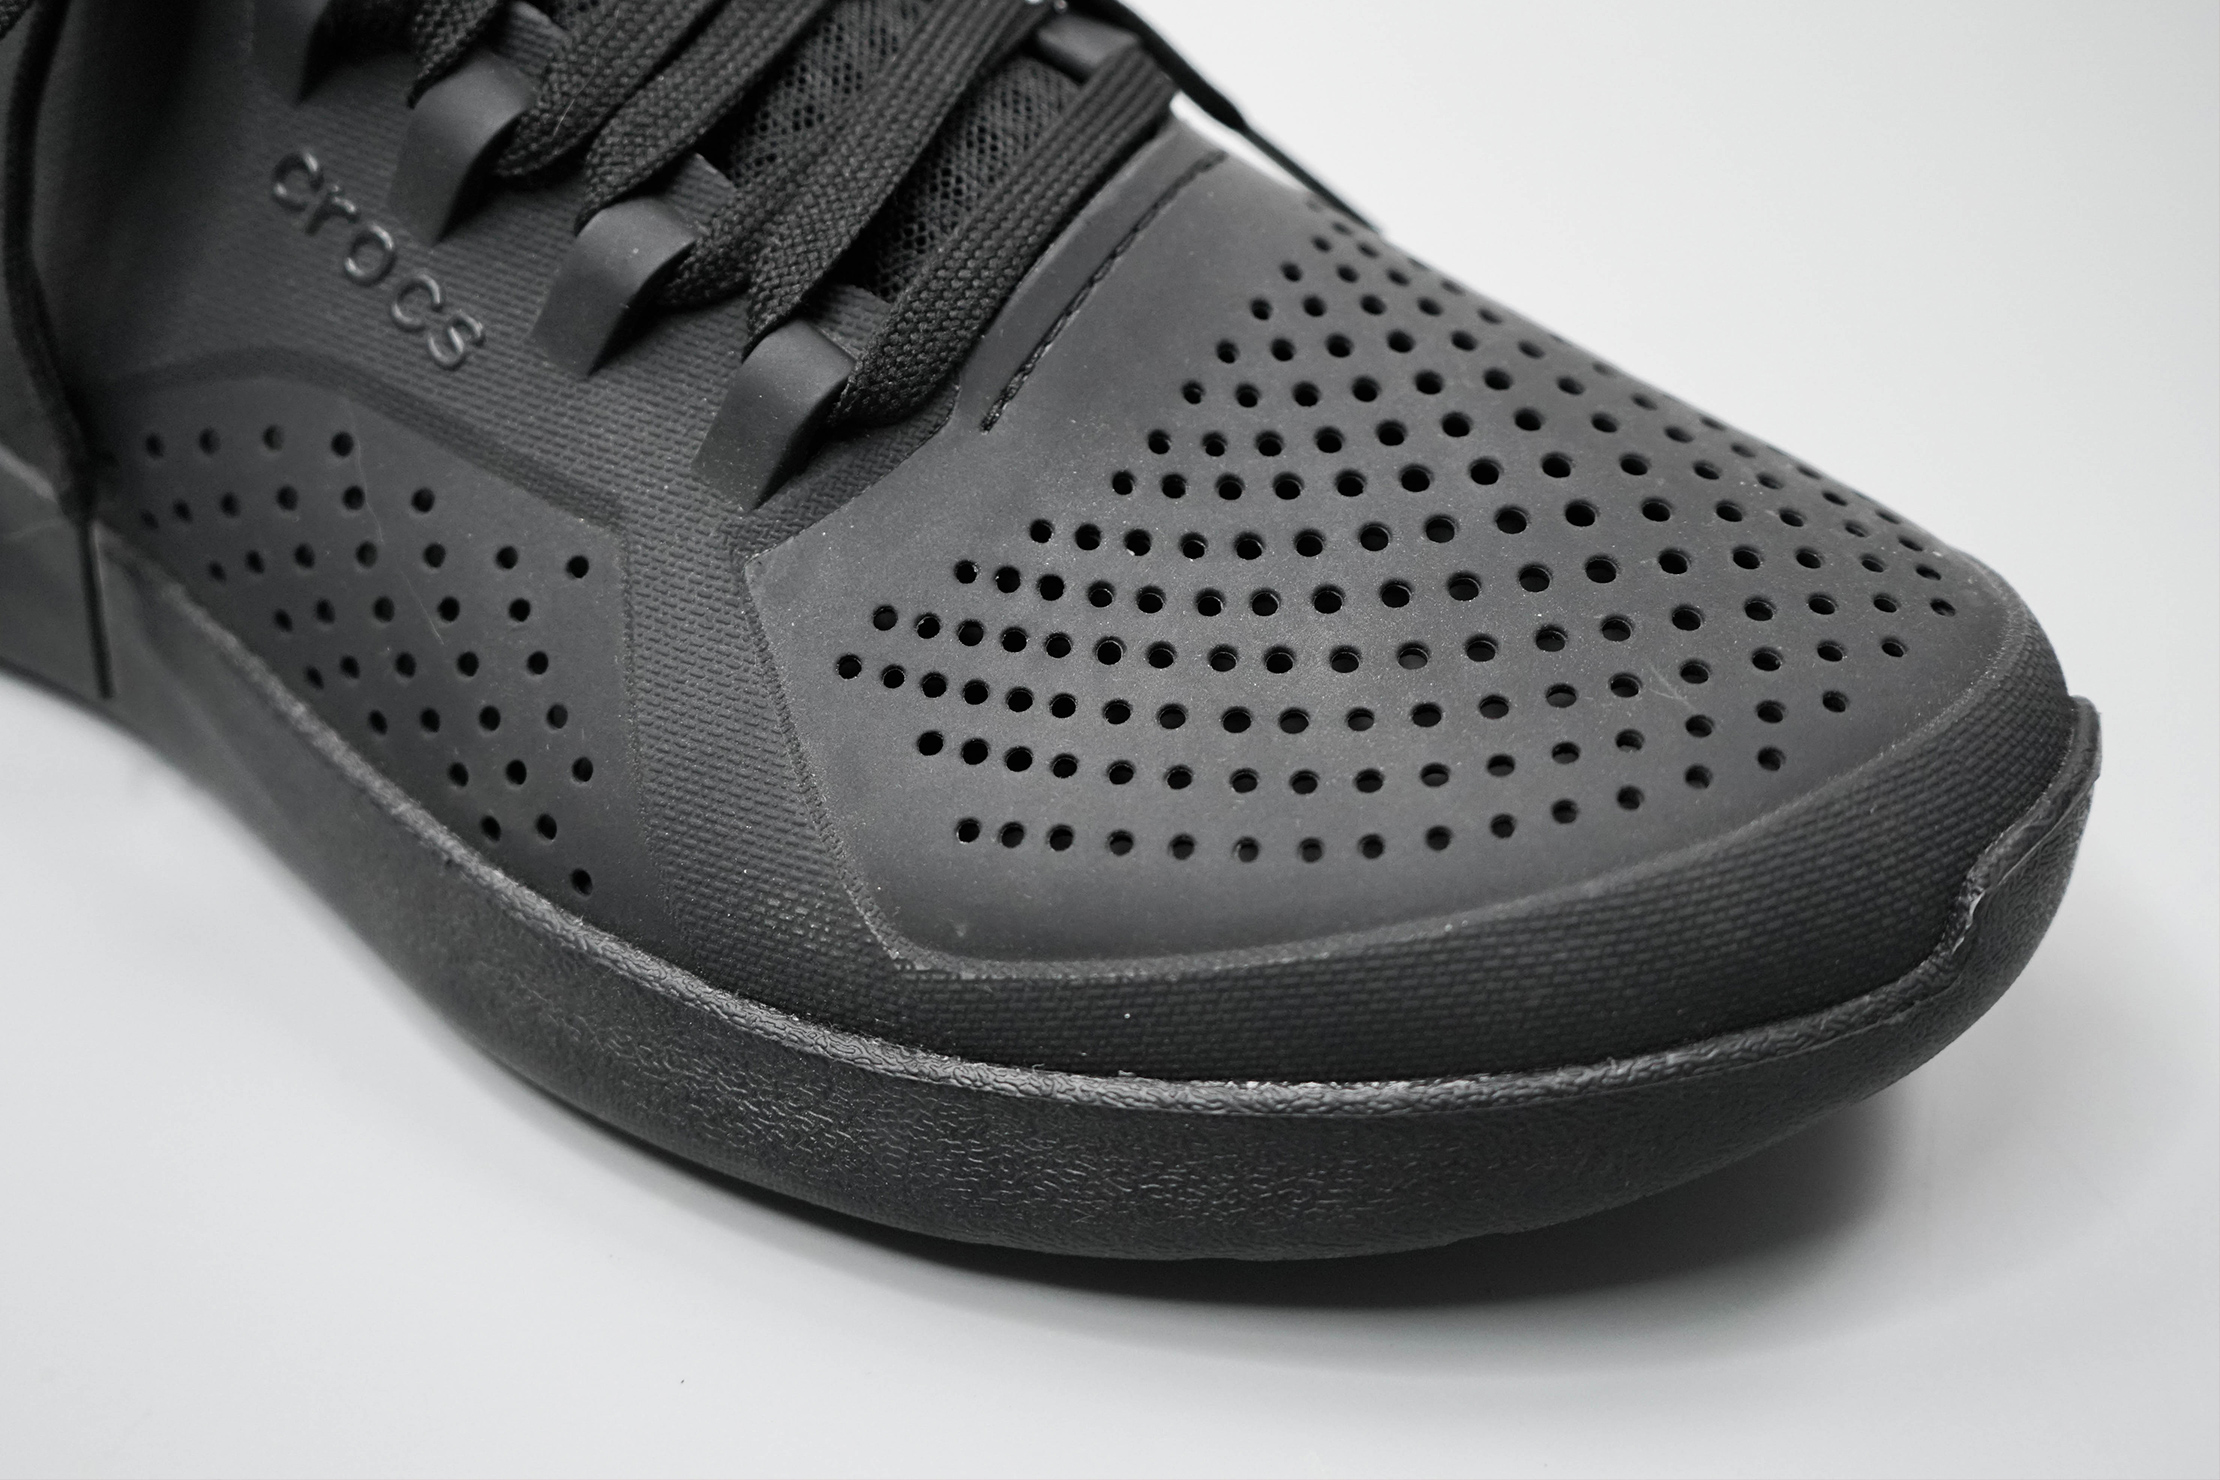 Crocs LiteRide Pacer Upper